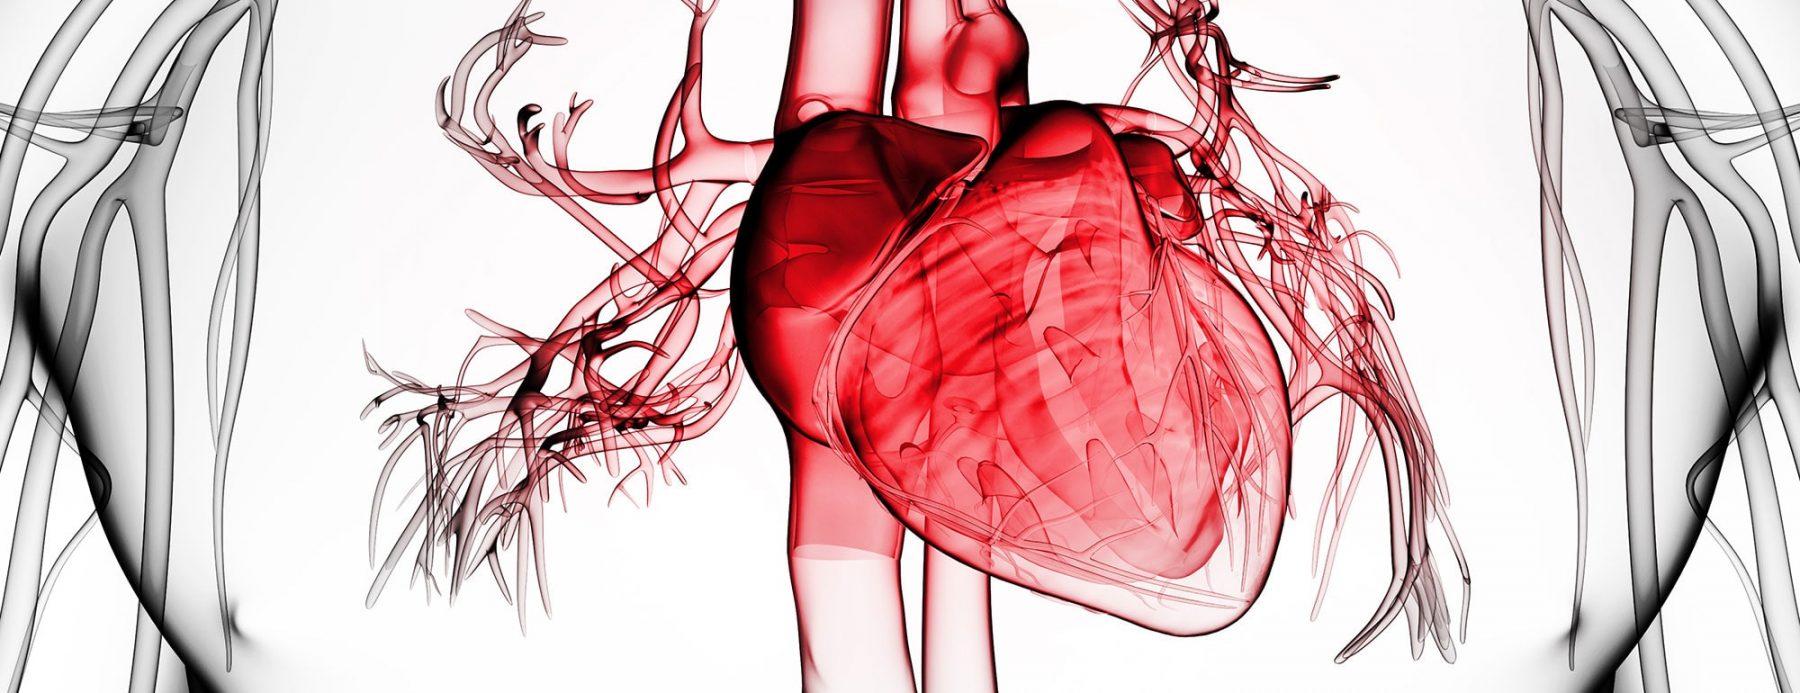 Διαστολική καρδιακή ανεπάρκεια : Αυτό είναι το προσδόκιμο ζωής των ασθενών